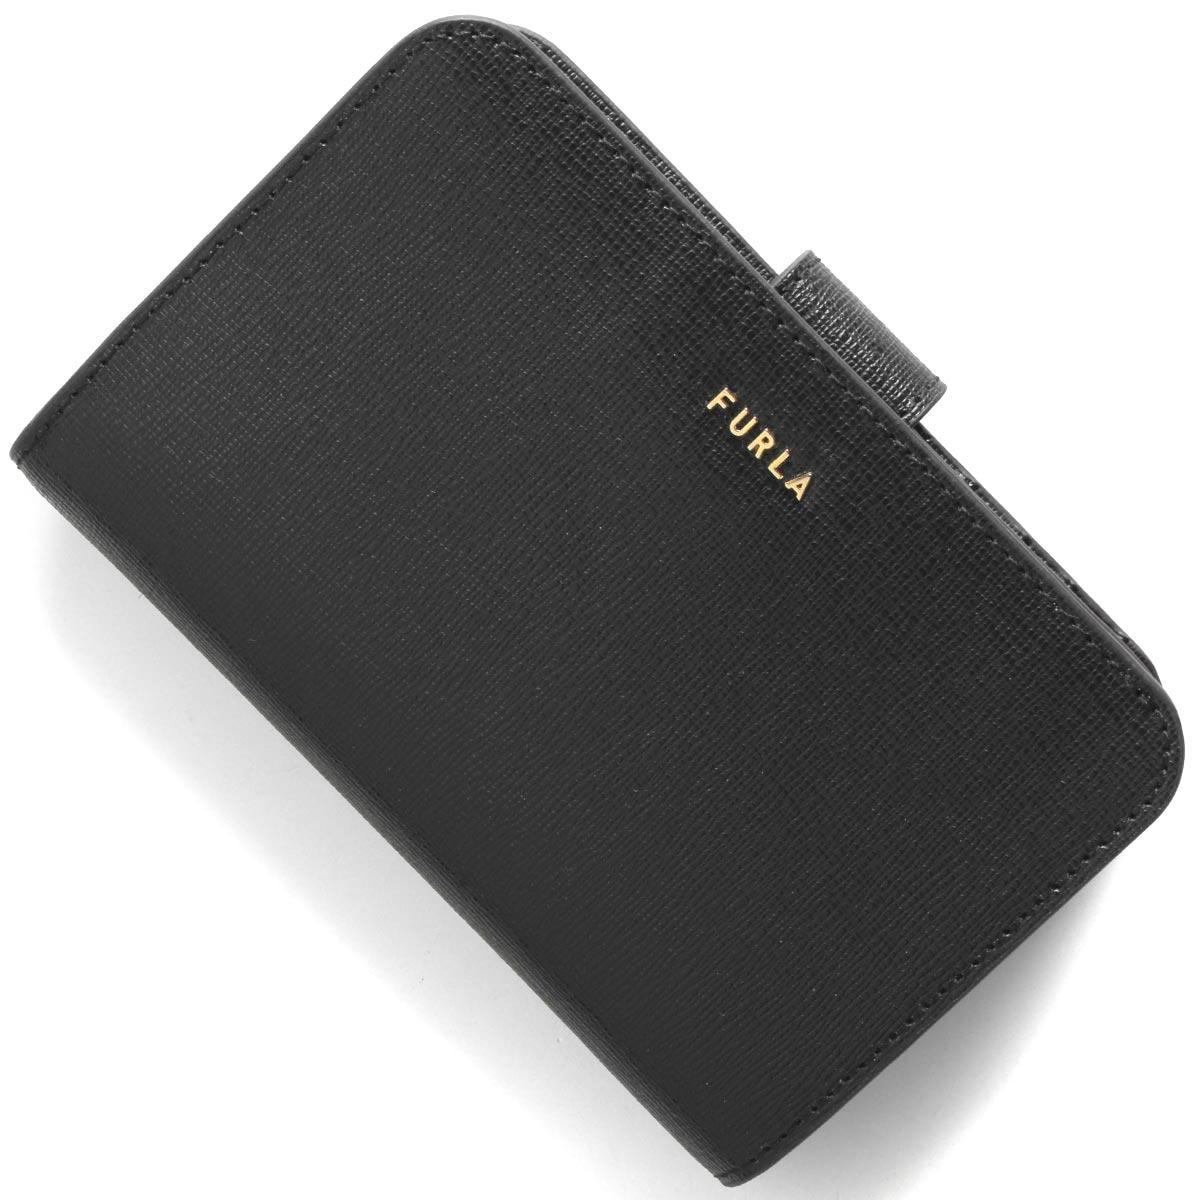 フルラ 二つ折り財布 財布 レディース バビロン ミディアム ブラック PCX9 B30 O60 1057129 FURLA